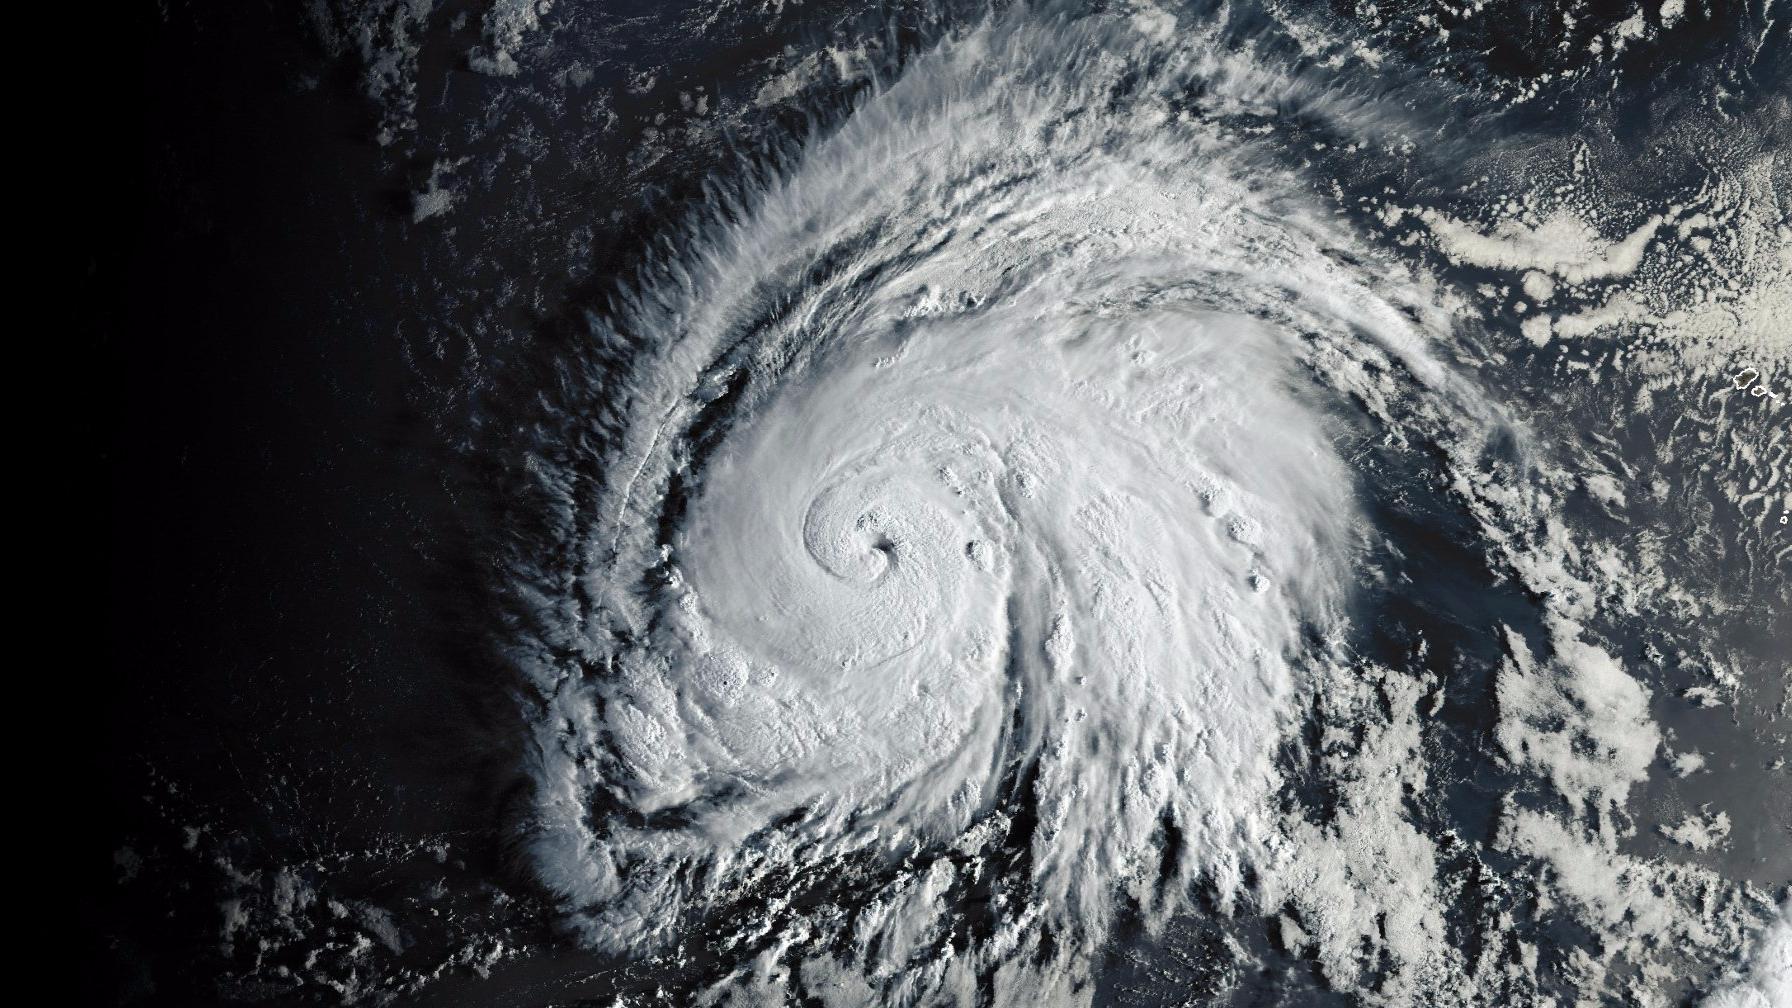 L'ouragan Lorenzo, classé en catégorie 5, s'approche des côtes européennes